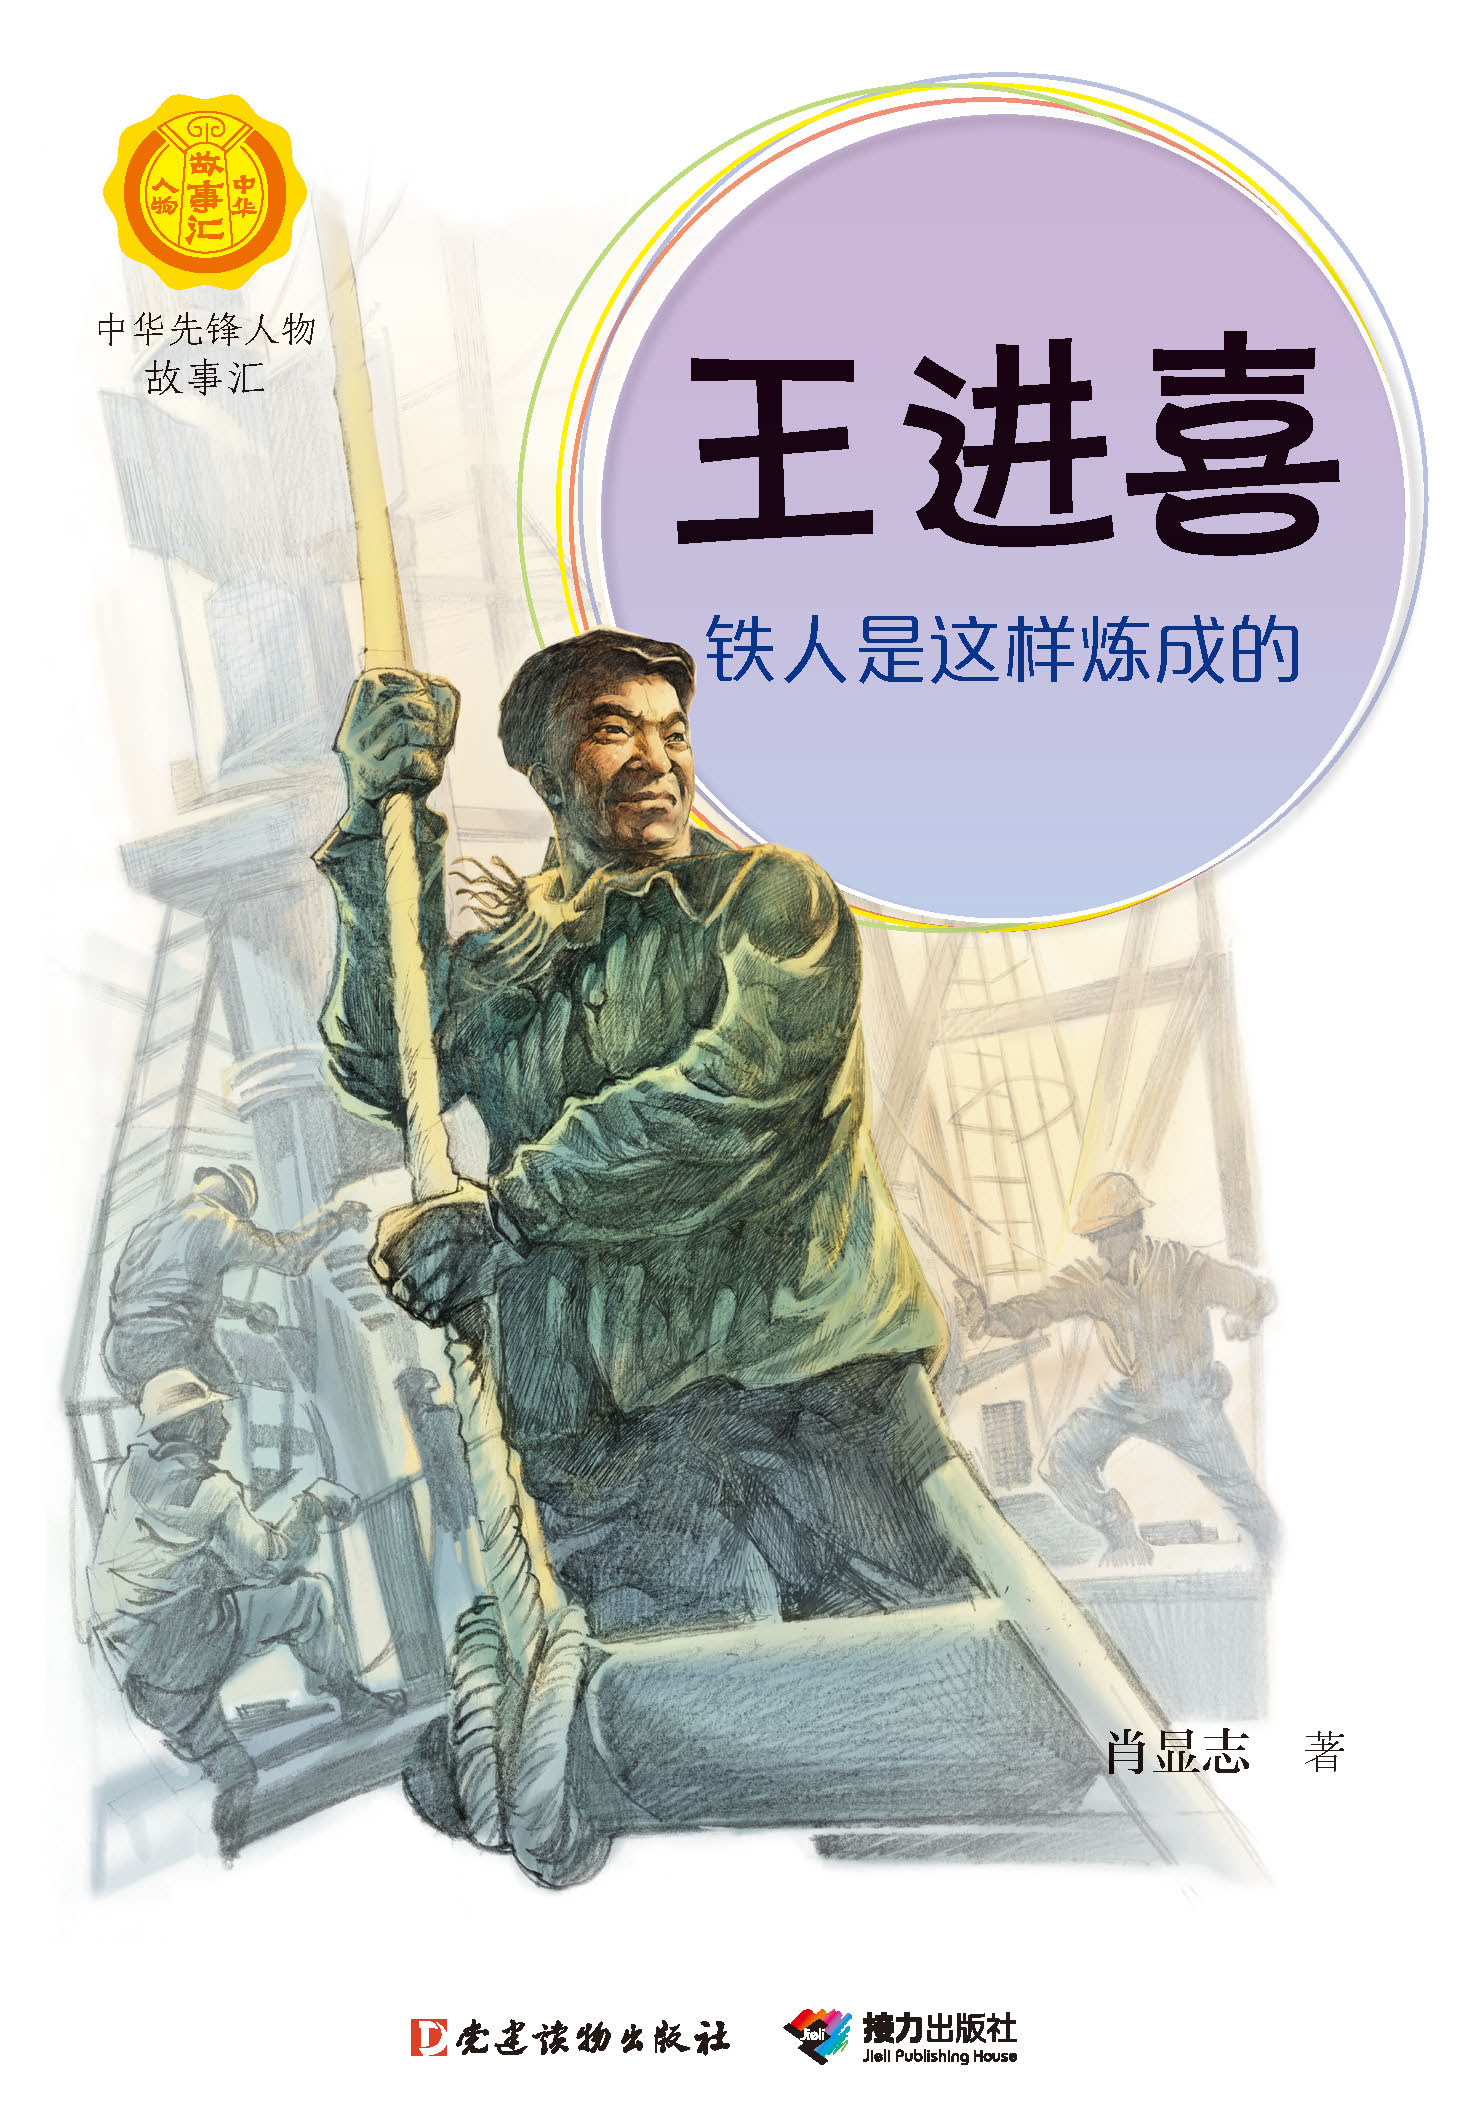 王进喜:铁人是这样炼成的